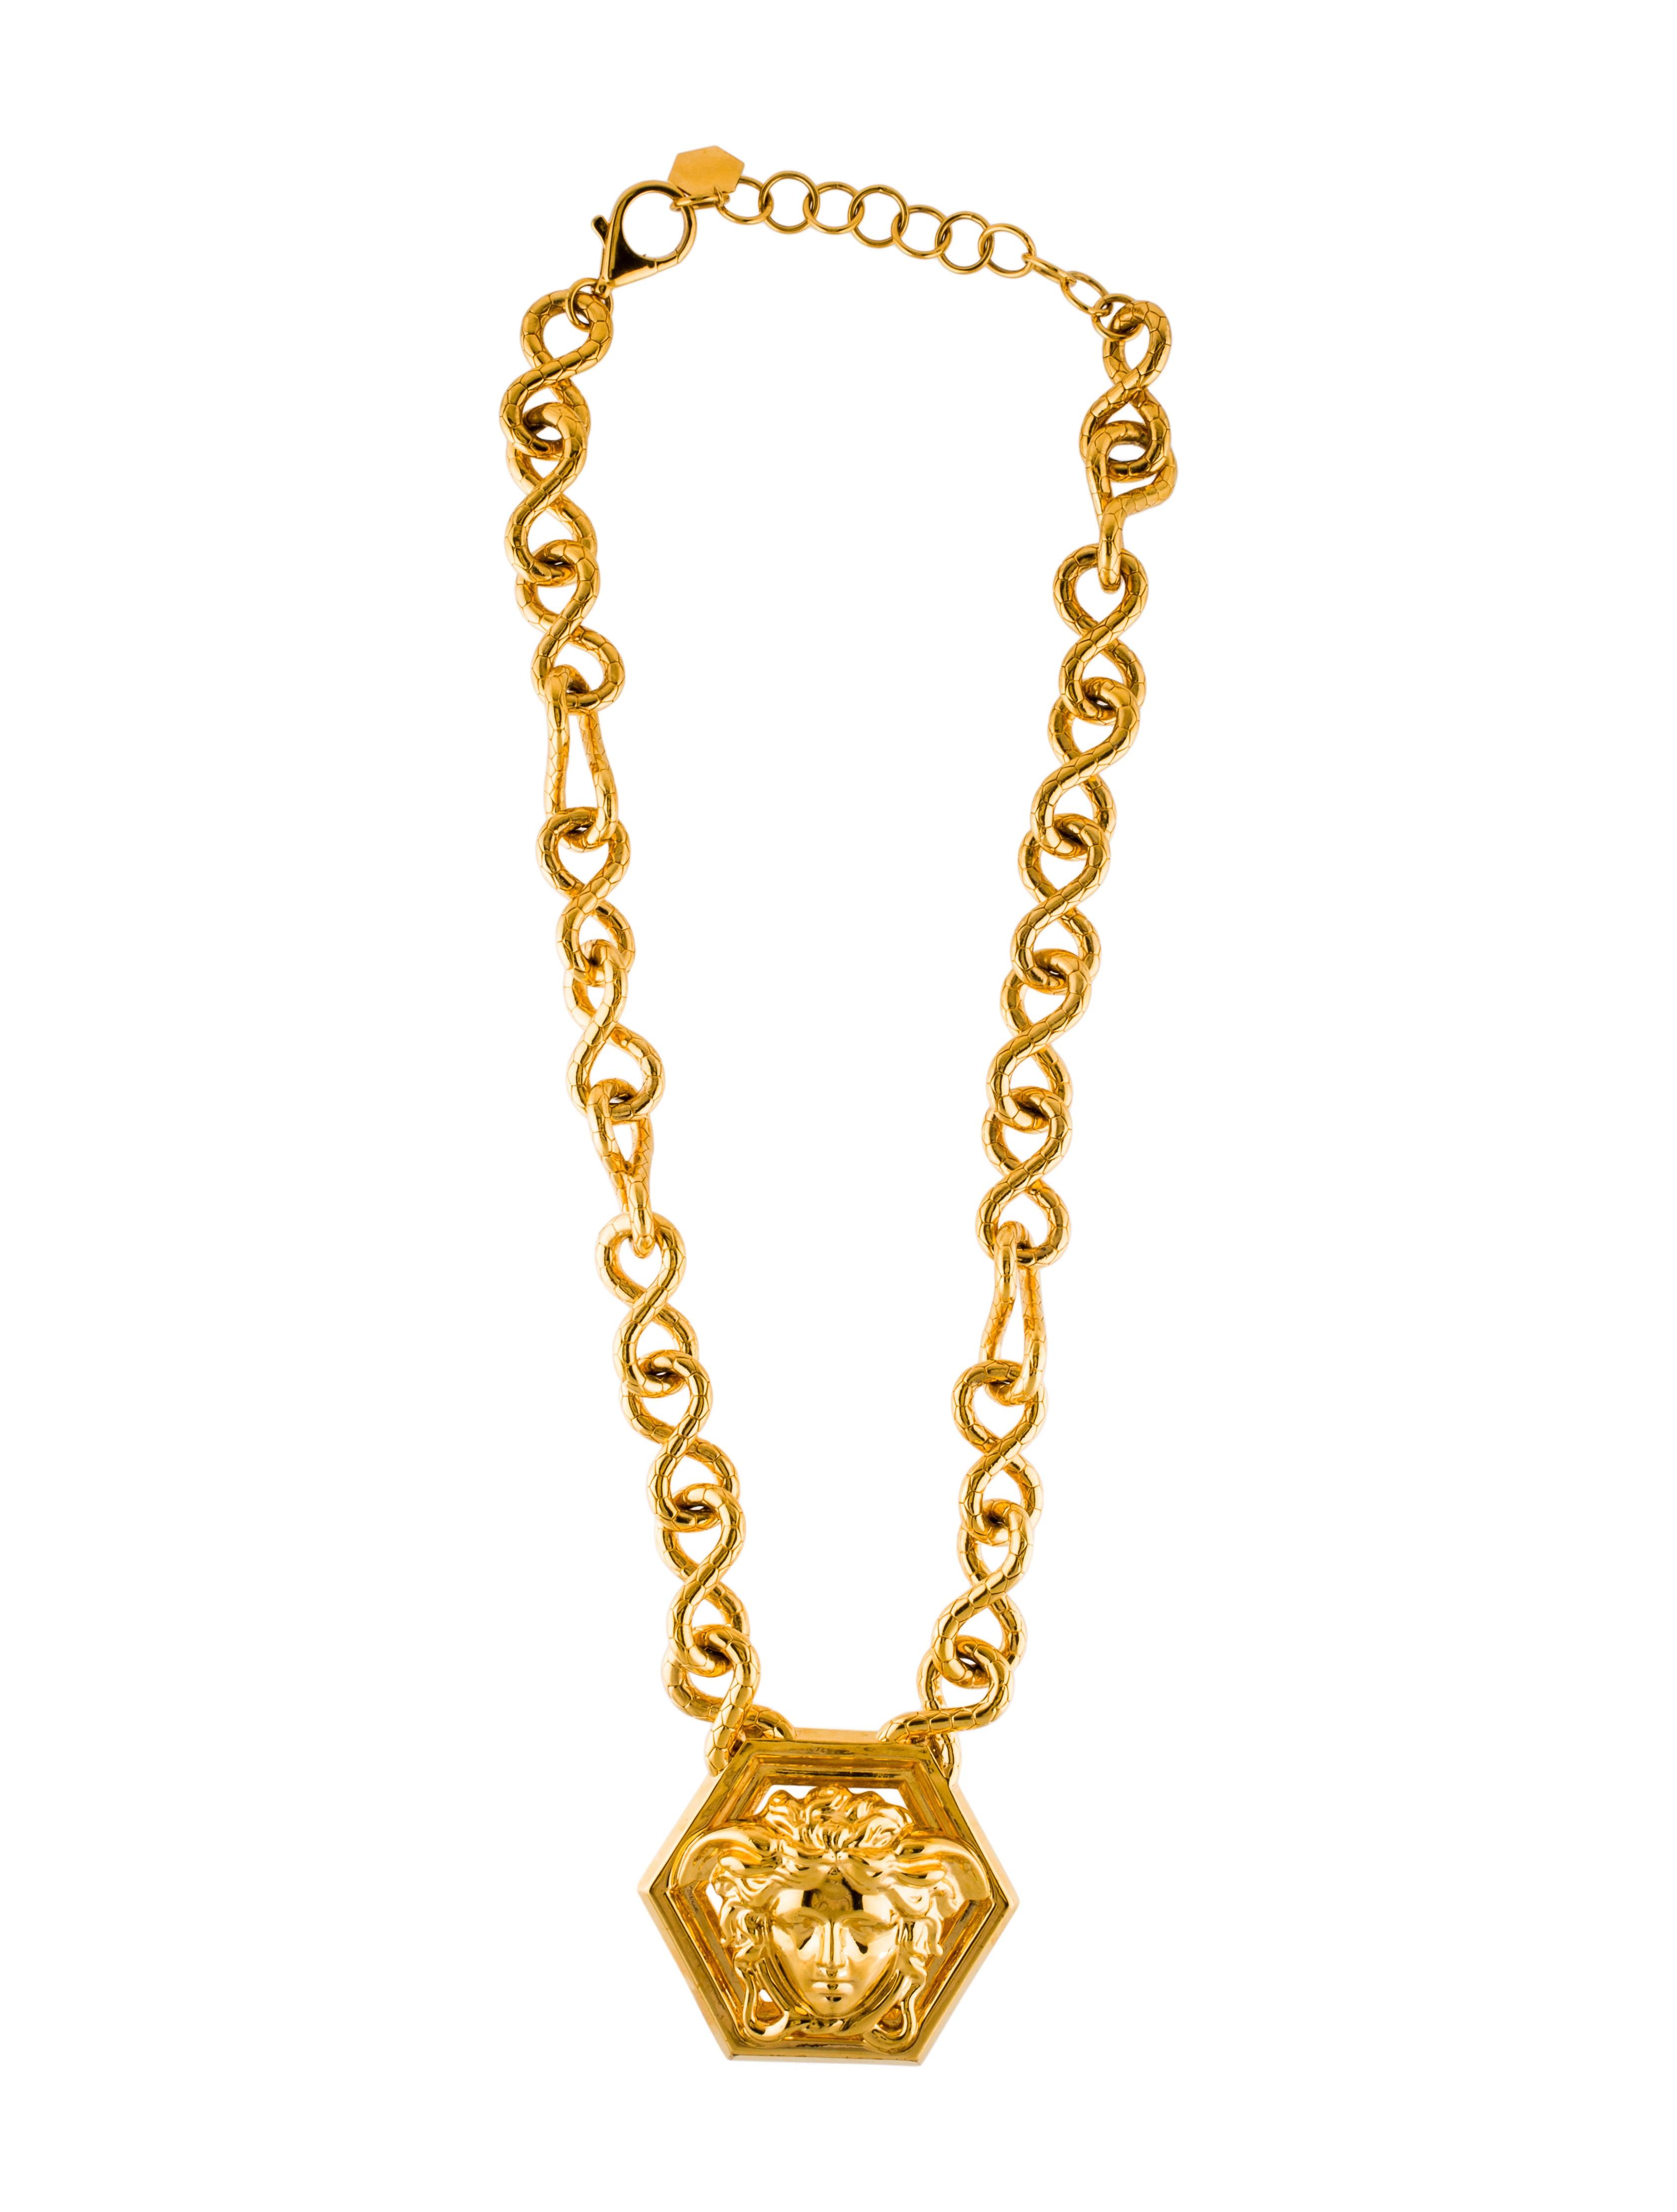 Versace medusa pendant necklace necklaces ves33076 the realreal medusa pendant necklace aloadofball Images